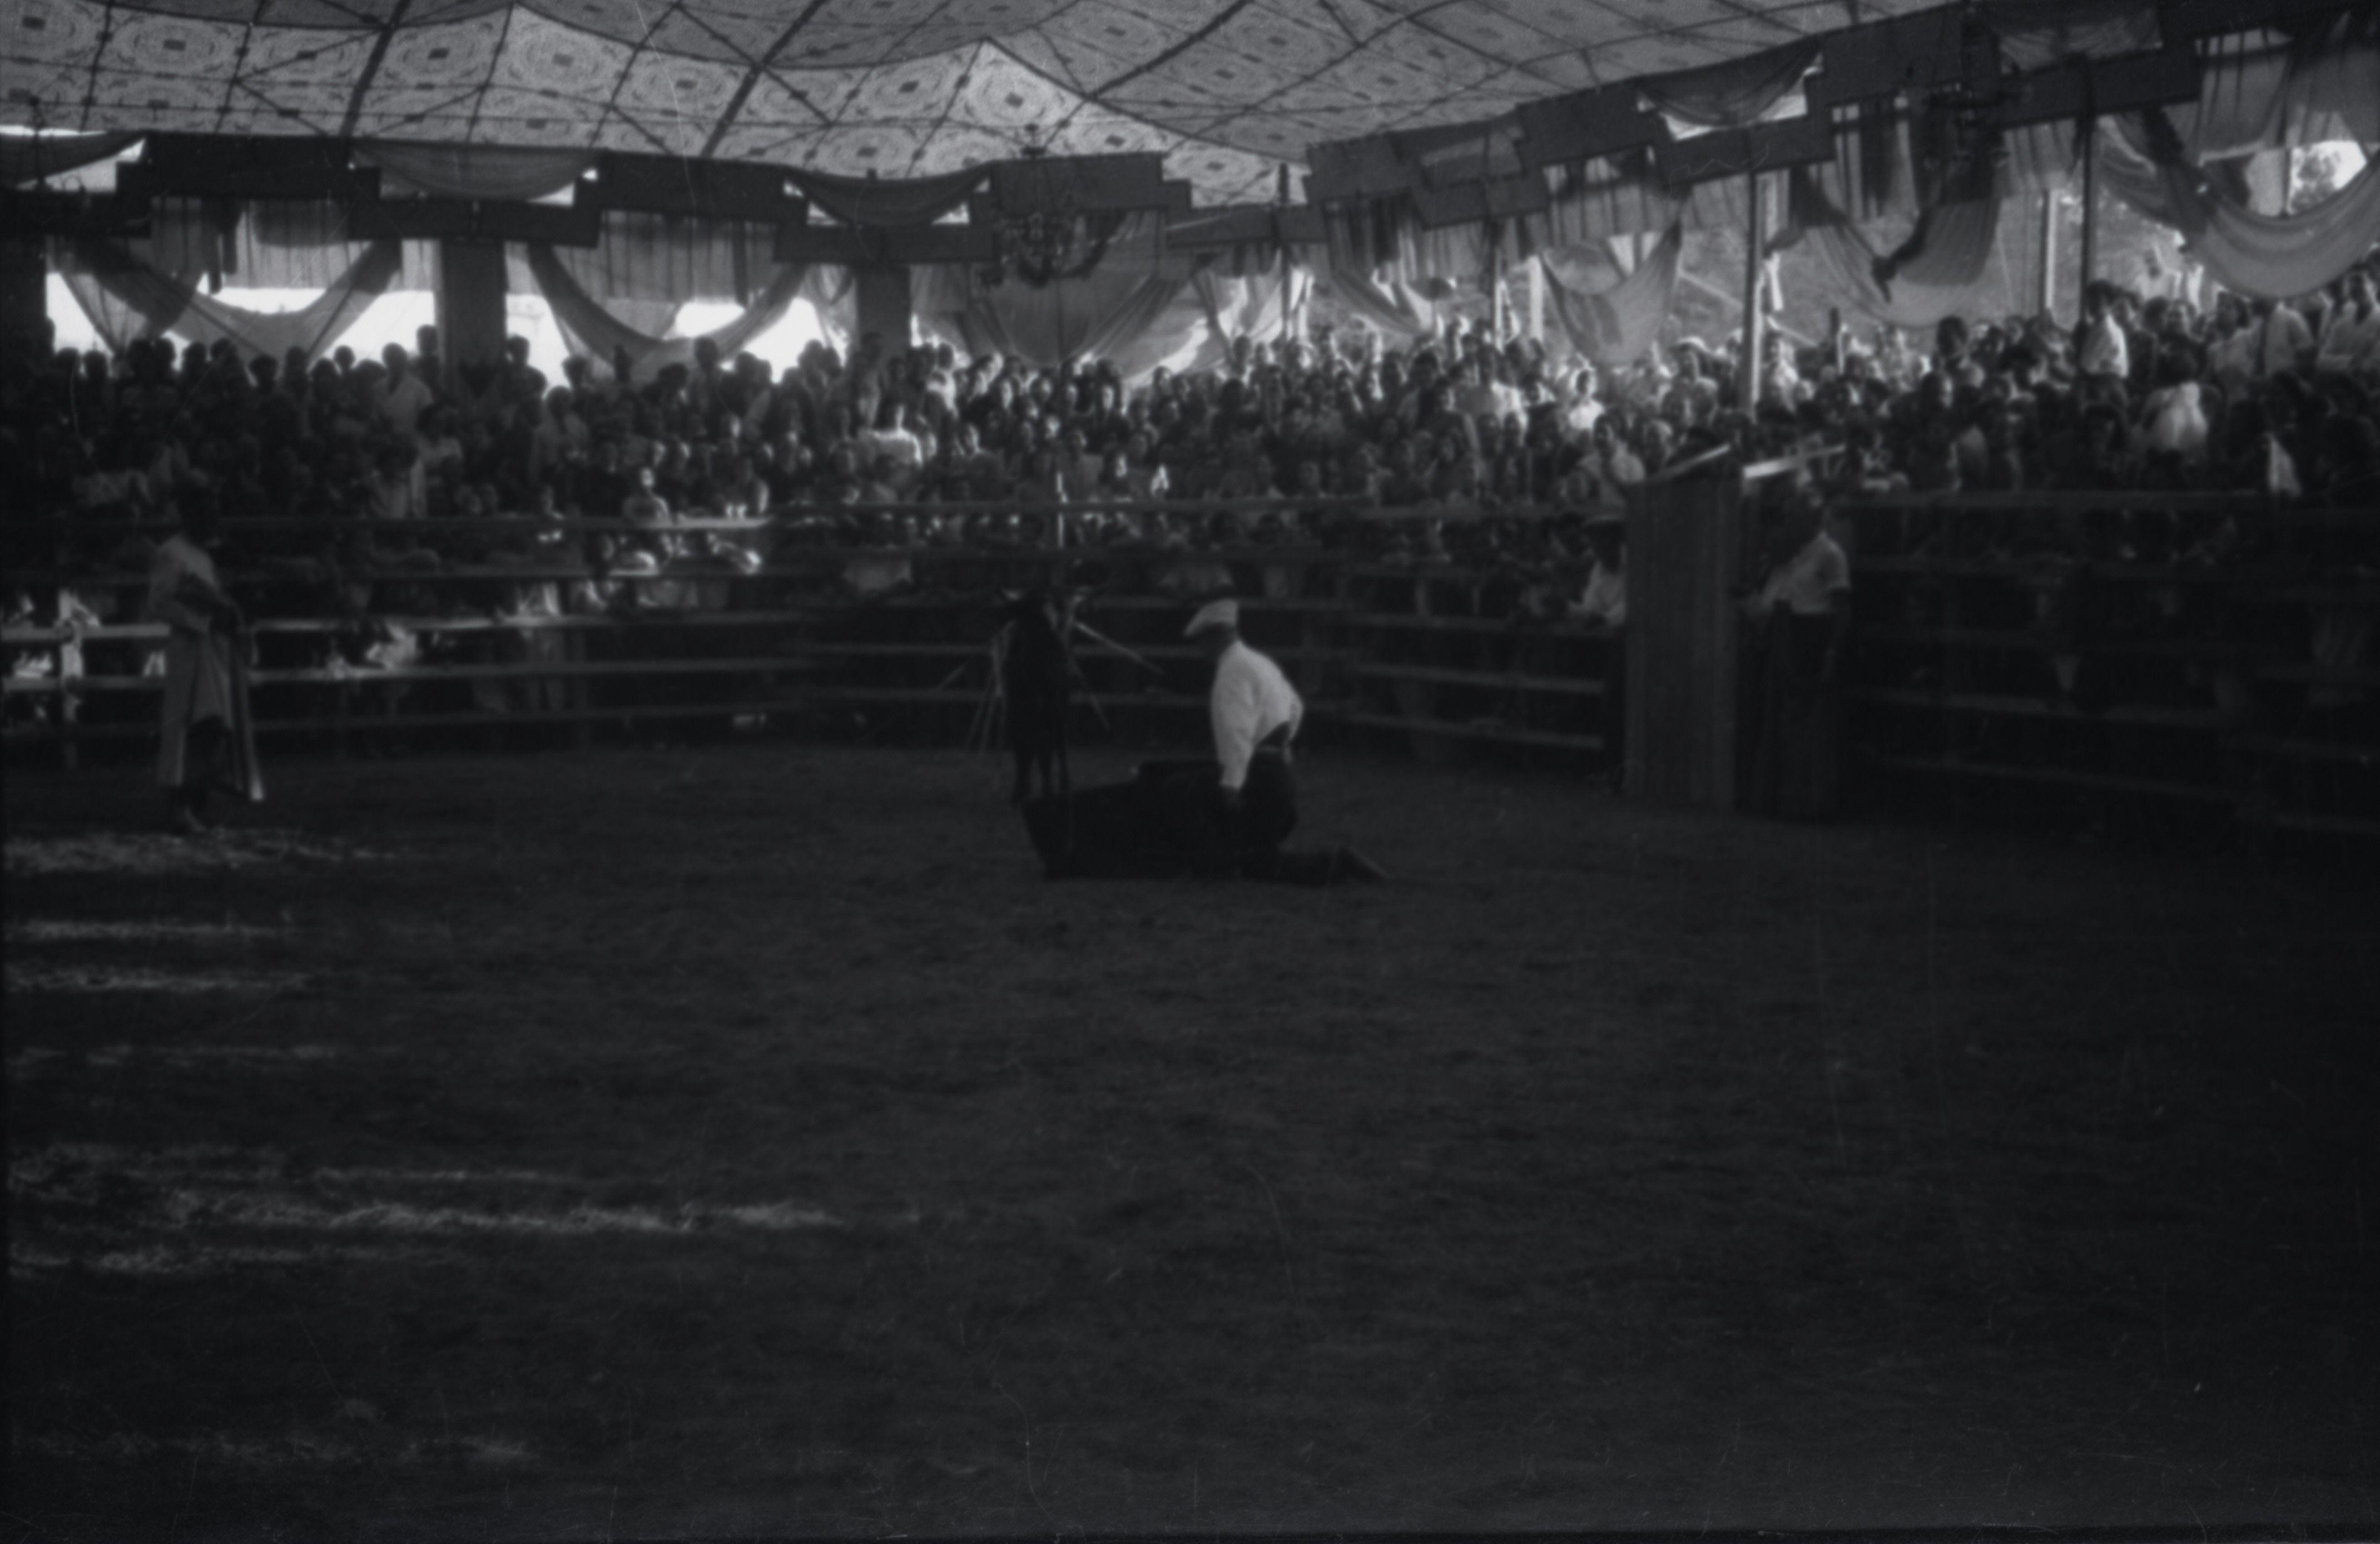 Cursa de braus a l'envelat el 1943. FOTO: Fons Cabanas / AMSCV